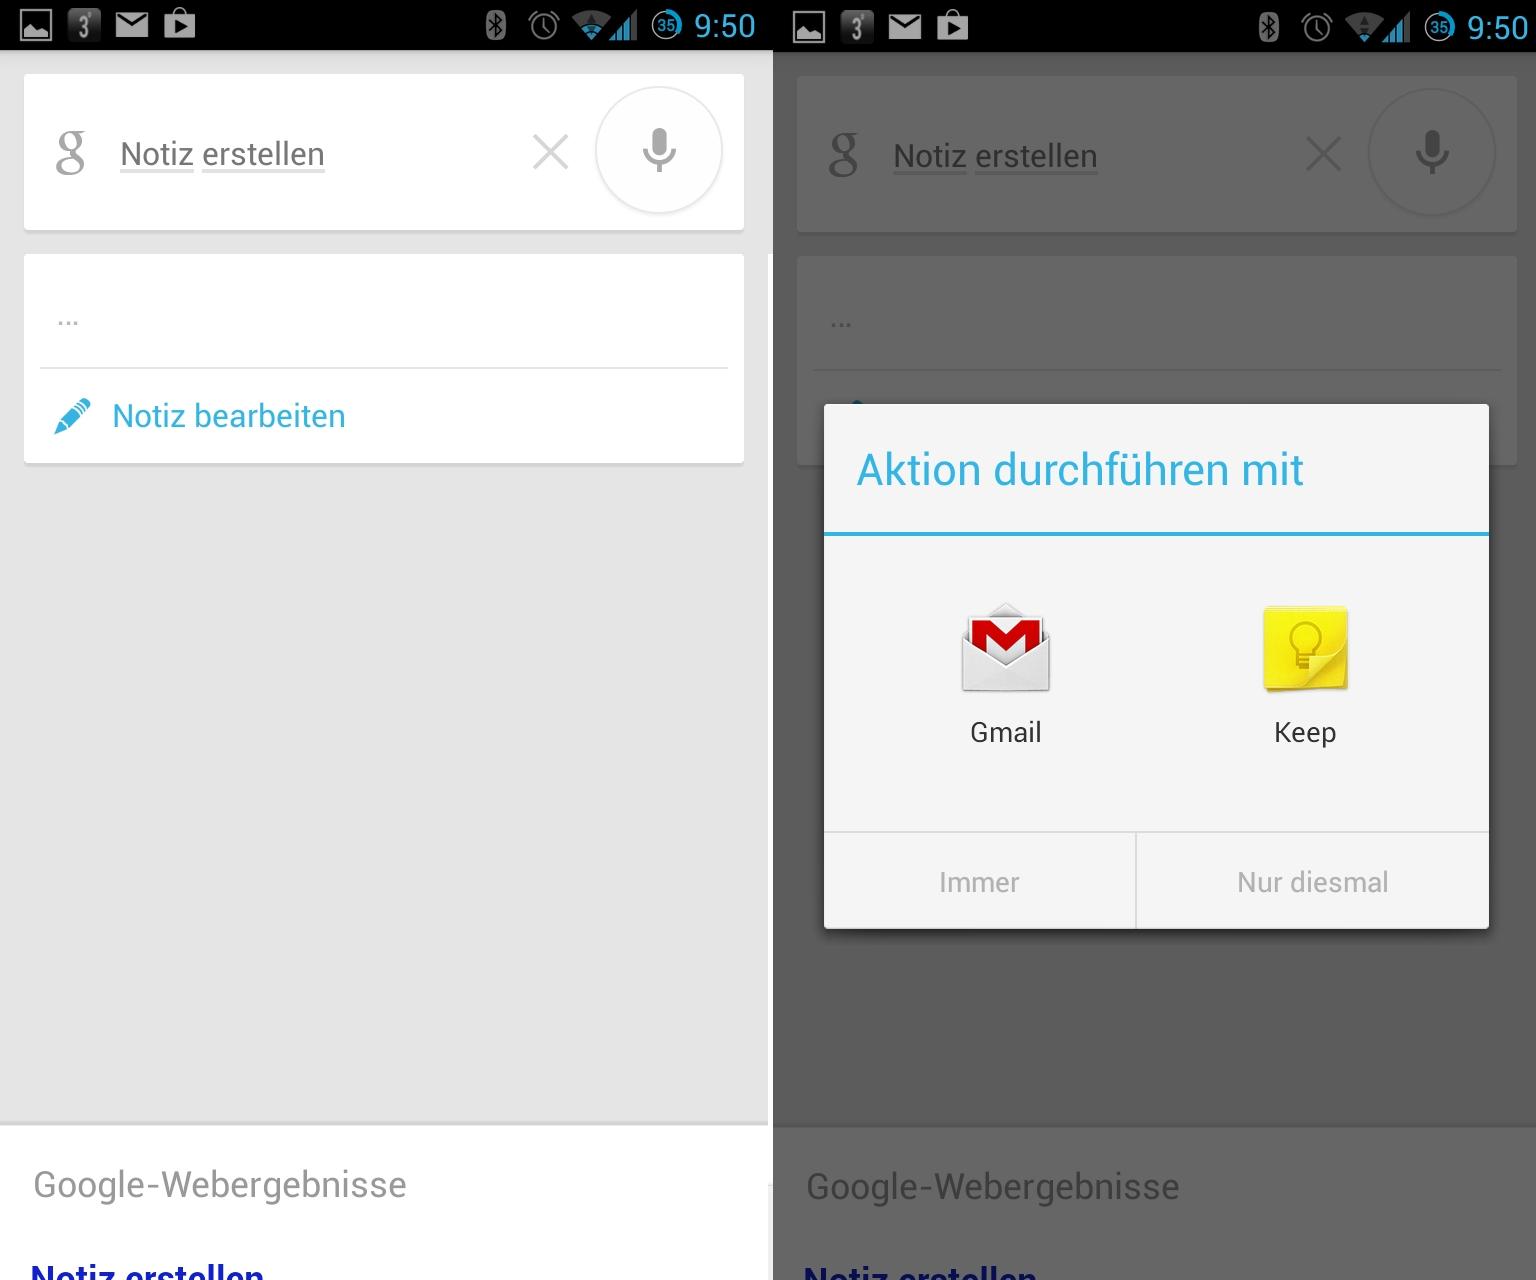 """Kurze Notizen lassen sich auch per Sprache erstellen. Standardmäßig sieht das System hierfür Gmail vor. Befindet sich jedoch ein Notiz-App wie <a href=\""""http://www.zdnet.de/88148565/galerie-so-sieht-google-keep-aus/#image=1\"""" target=\""""_blank\"""" title=\""""So sieht Google Keep aus\"""">Keep</a> oder <a href=\""""http://downloads.netmediaeurope.de/4066/evernote-de17x0/\"""" target=\""""_blank\"""">Evernote</a> auf dem Gerät, steht diese ebenfalls zur Auswahl."""